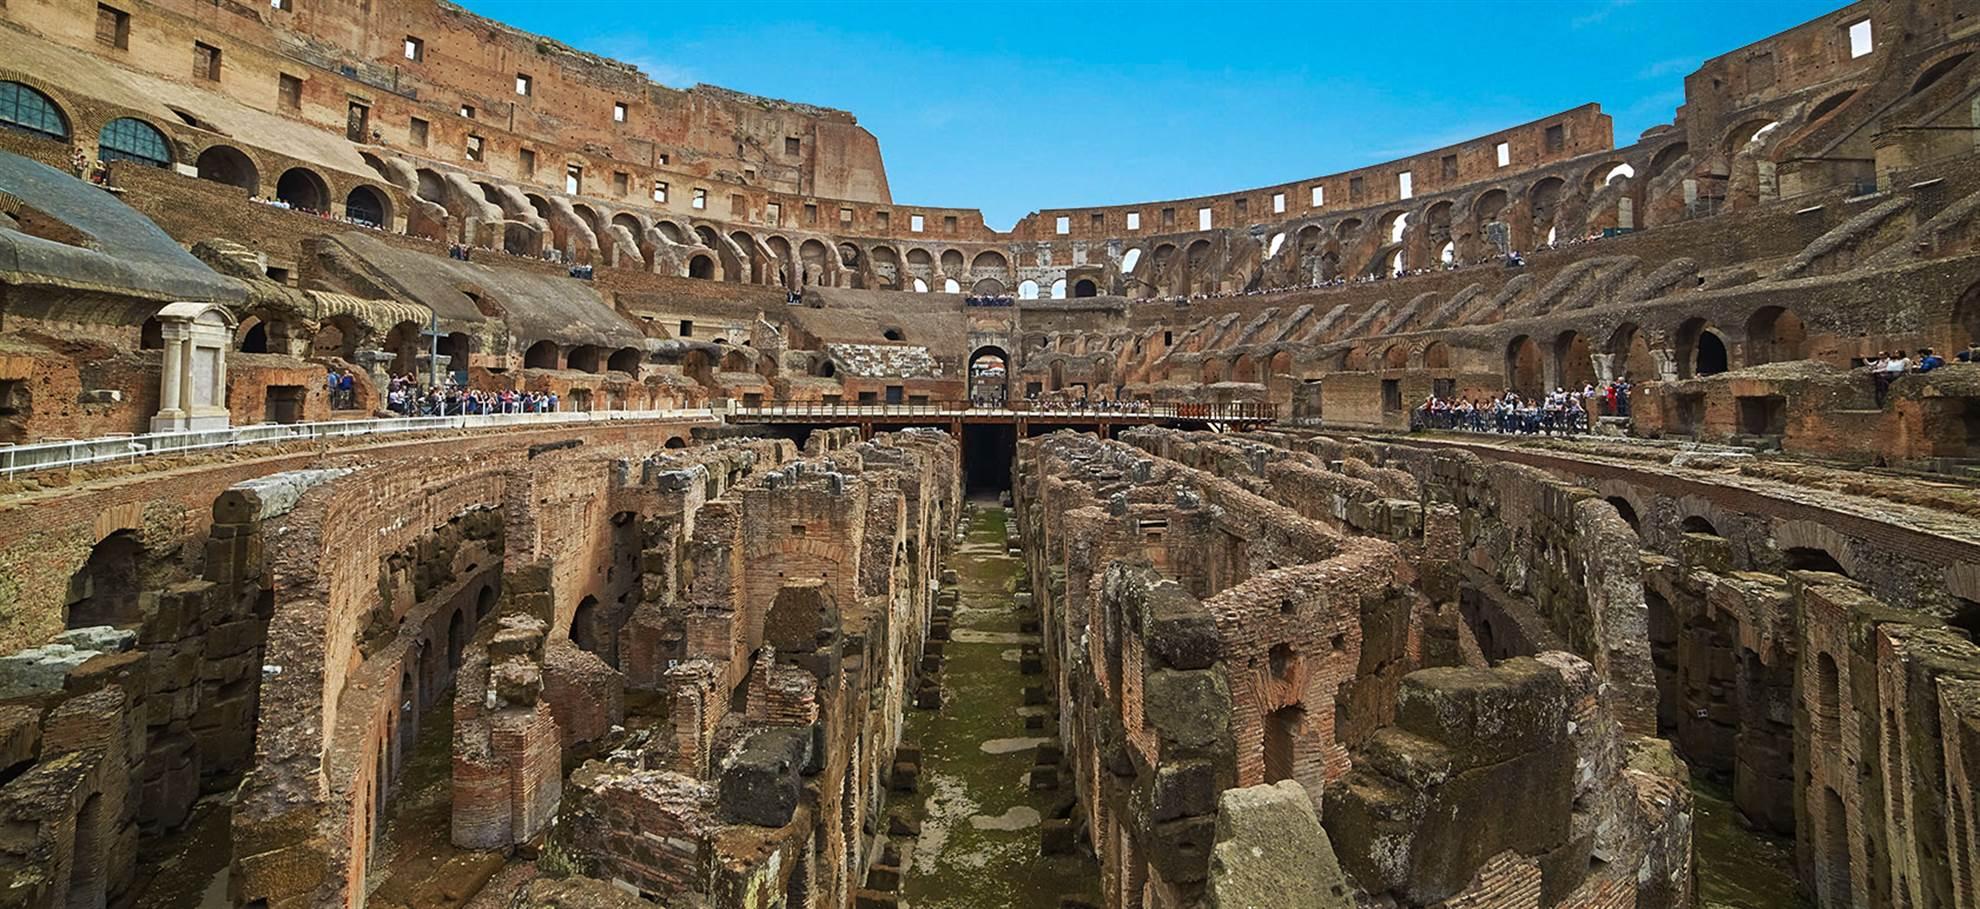 Coliseo 'Evite las colas'!Visita guiada en en Español